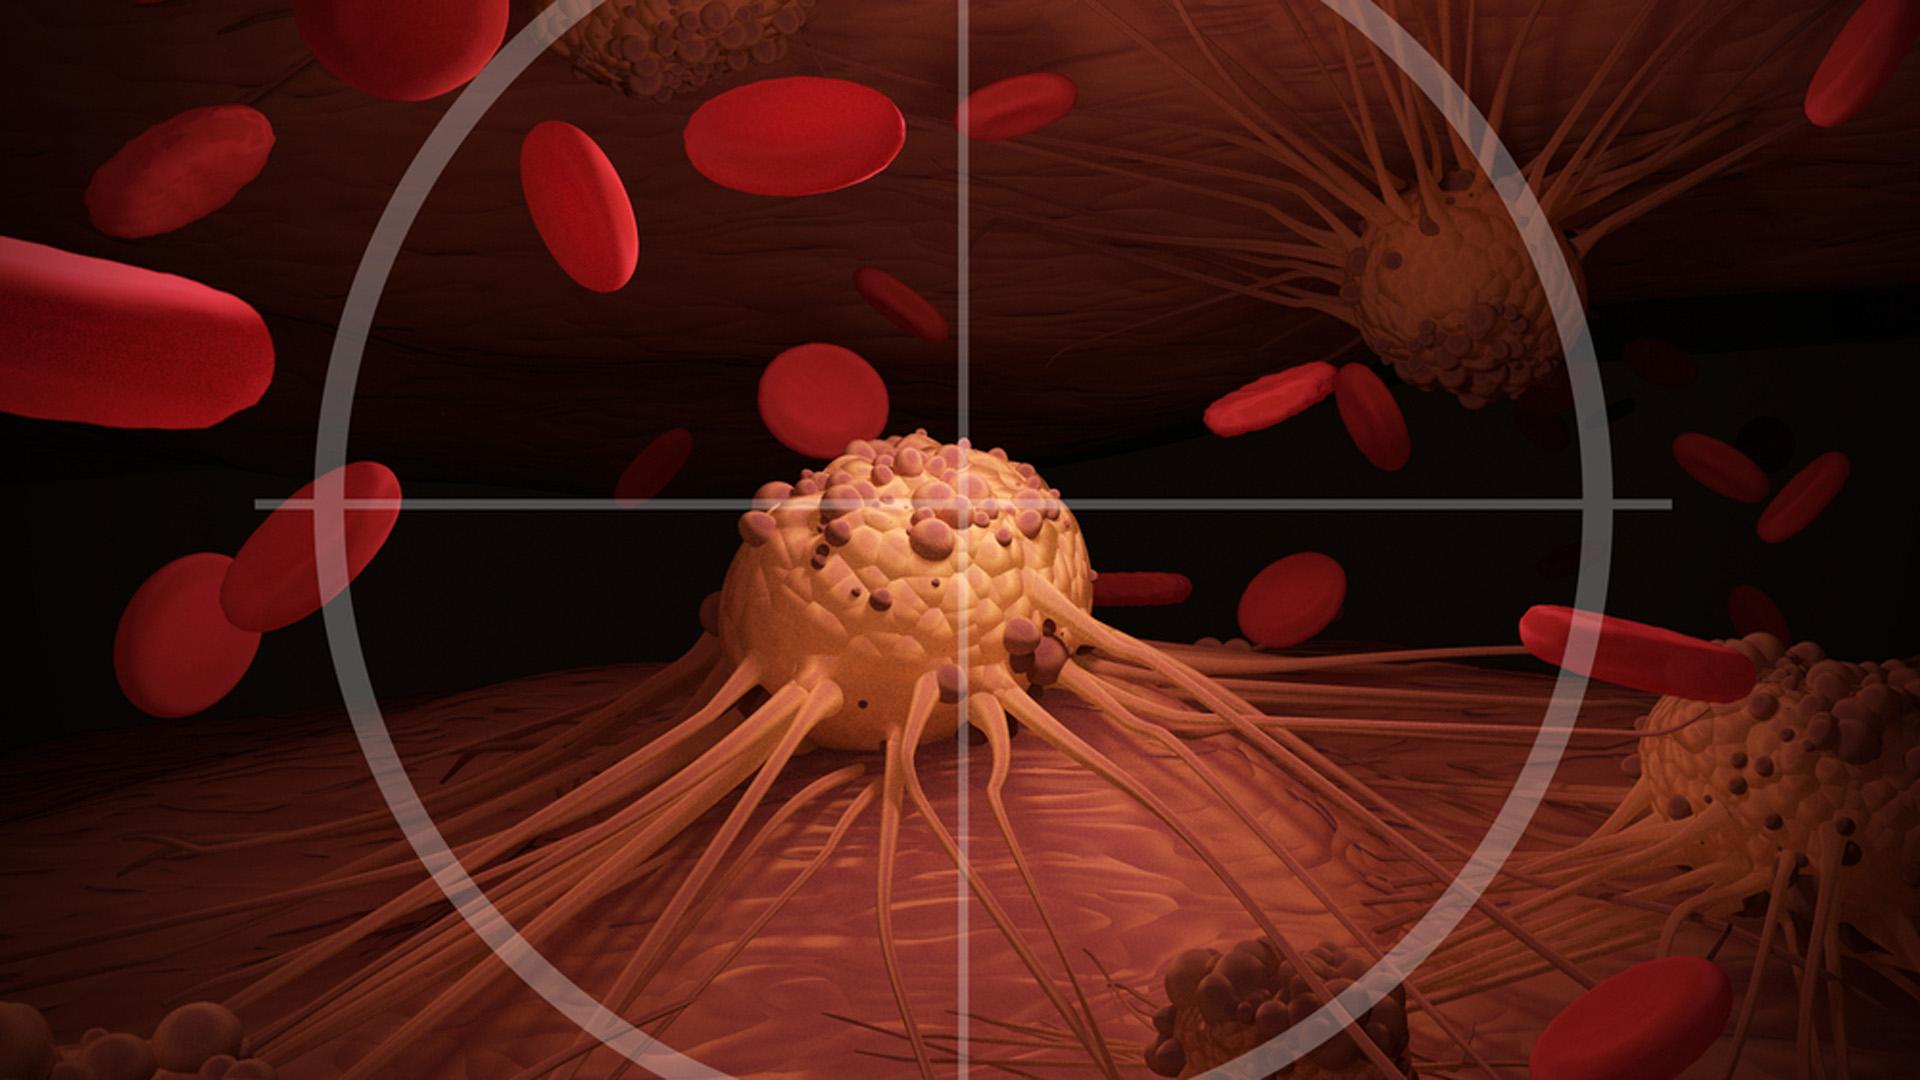 La nueva medicación disponible en nuestro país, demostró, en combinación con quimioterapia, una mejoría significativa en la sobrevida global